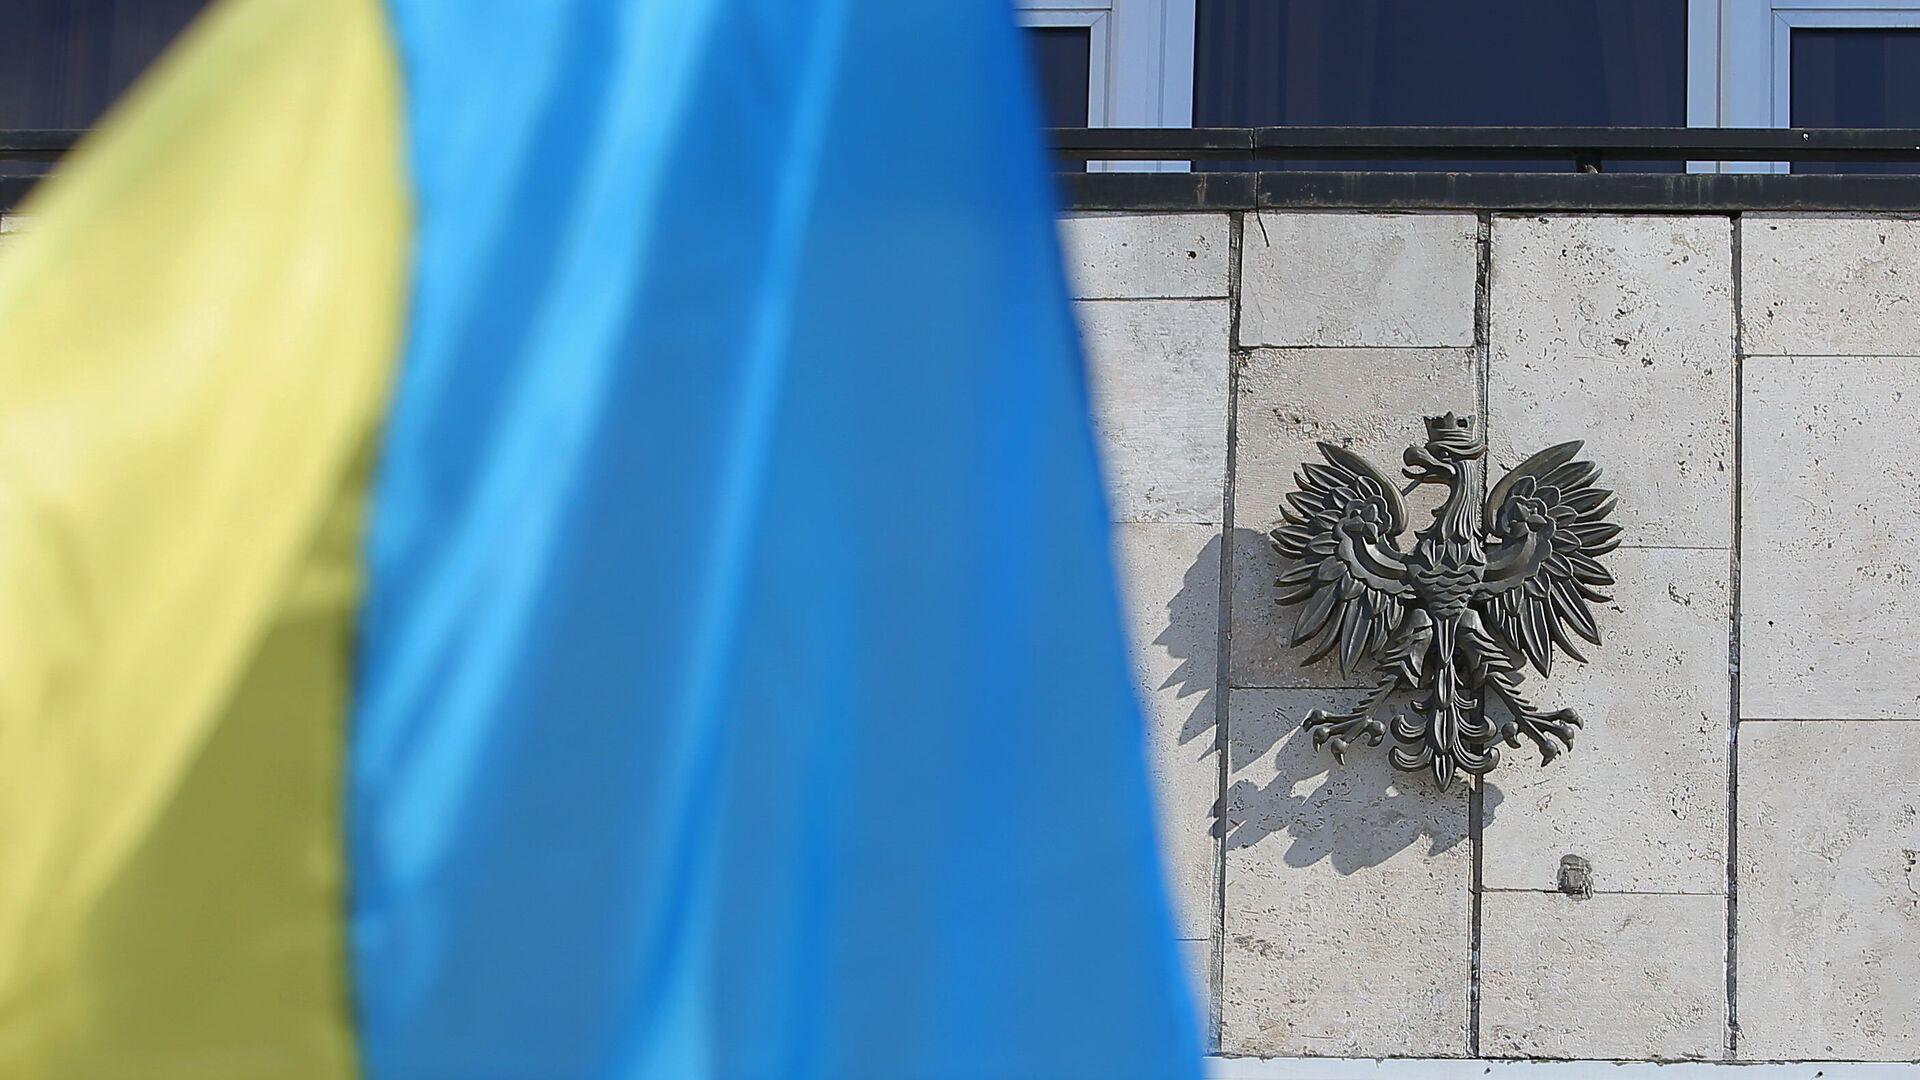 Ukrajinská vlajka - Sputnik Česká republika, 1920, 03.10.2021